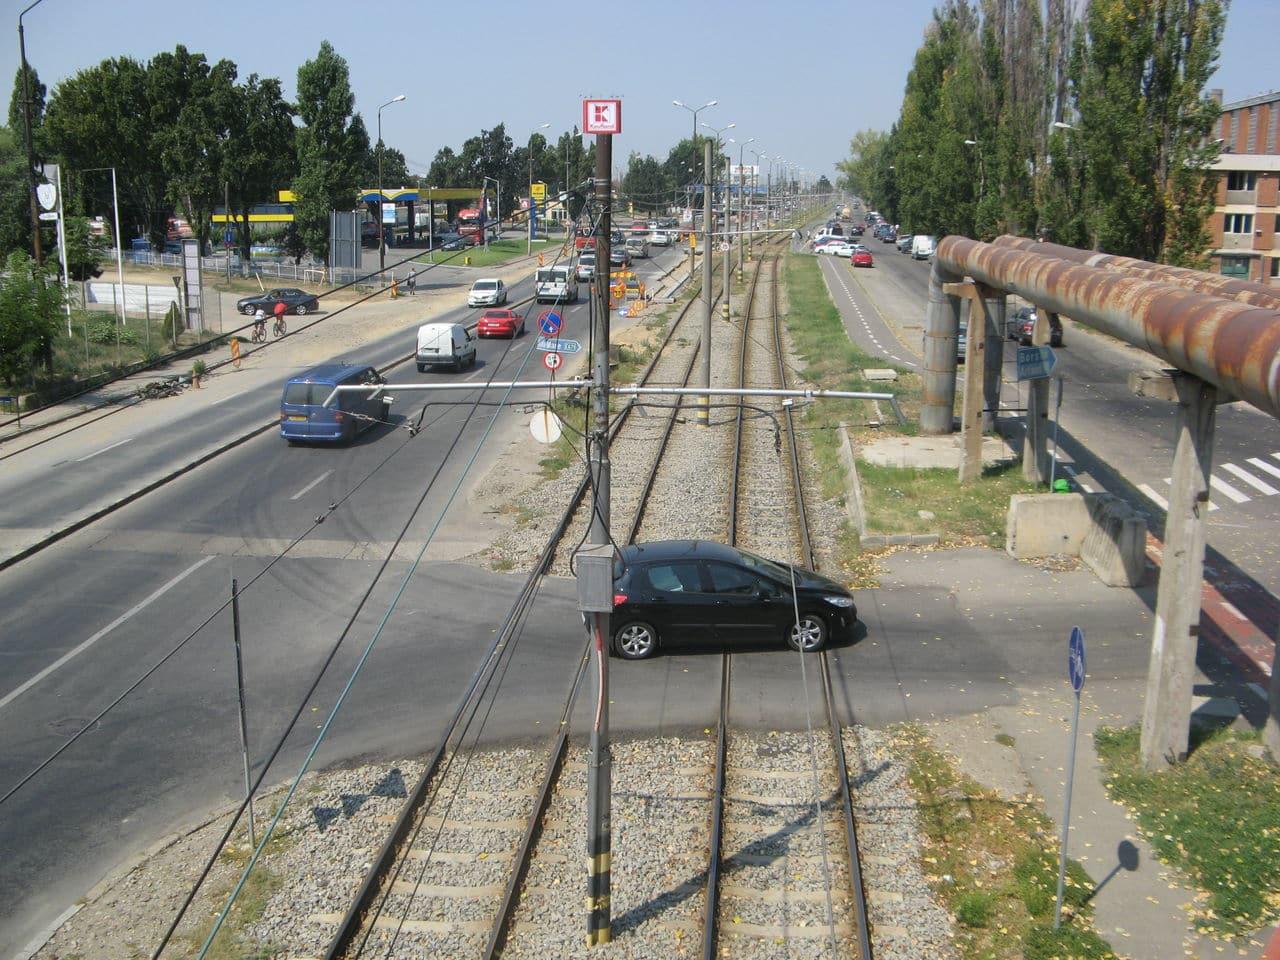 Calea ferată directă Oradea Vest - Episcopia Bihor IMG_0026